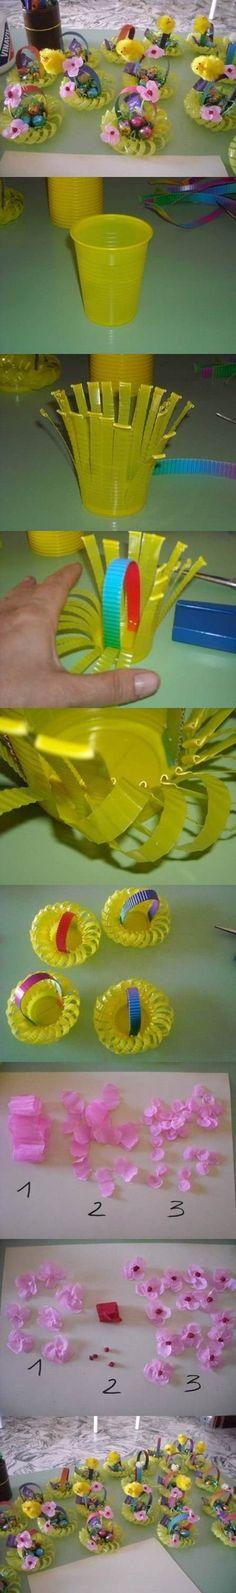 DIY Plastic Cup Easter Basket #craft #Easter: